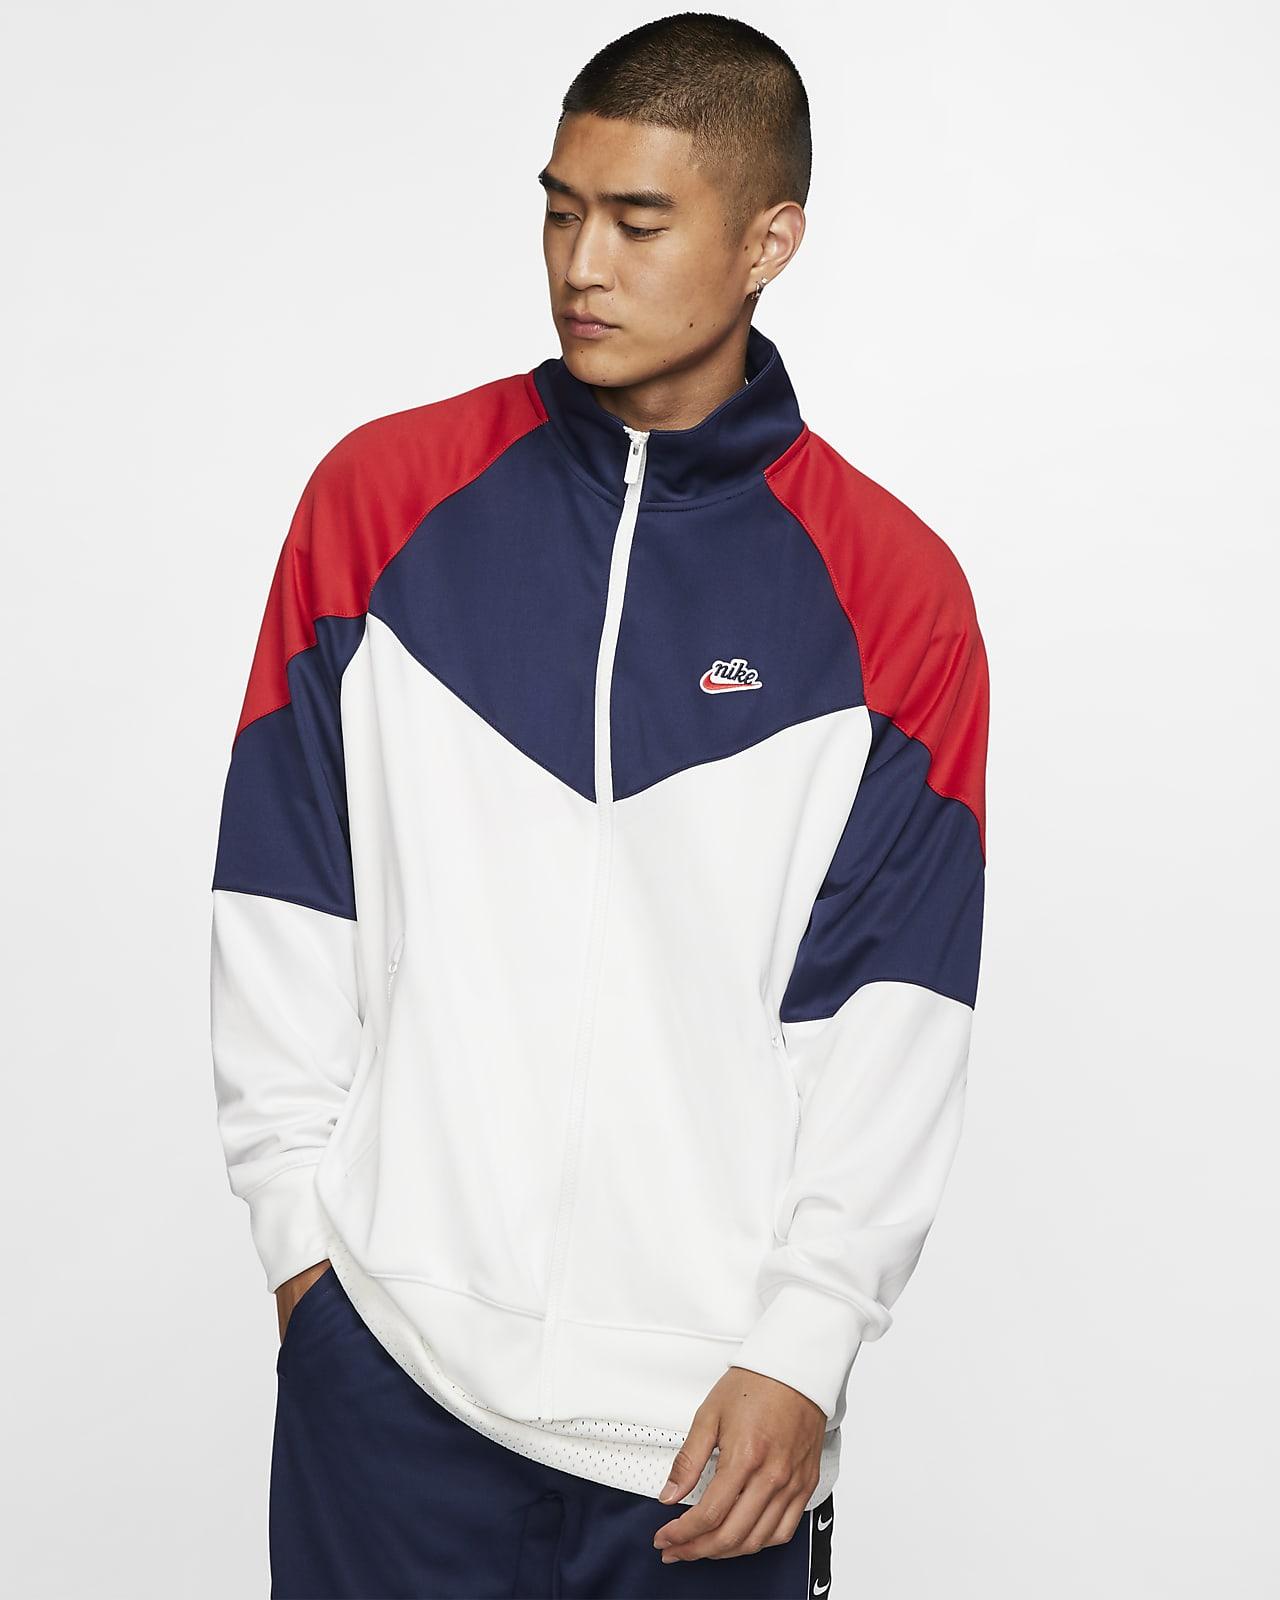 Nike Mens Windrunner Hooded Track Jacket